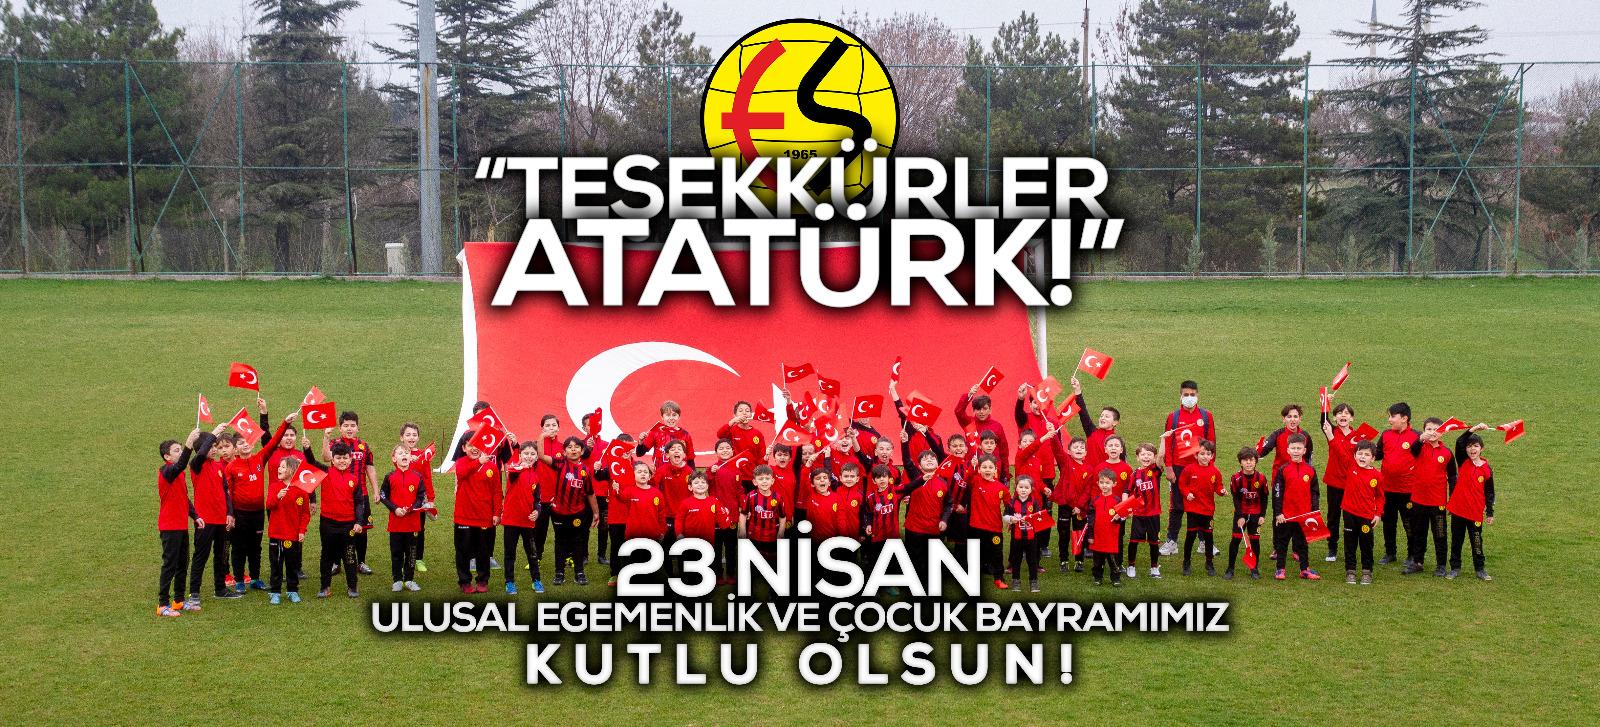 23 Nisan Ulusal Egemenlik ve Çocuk Bayramımız Kutlu Olsun